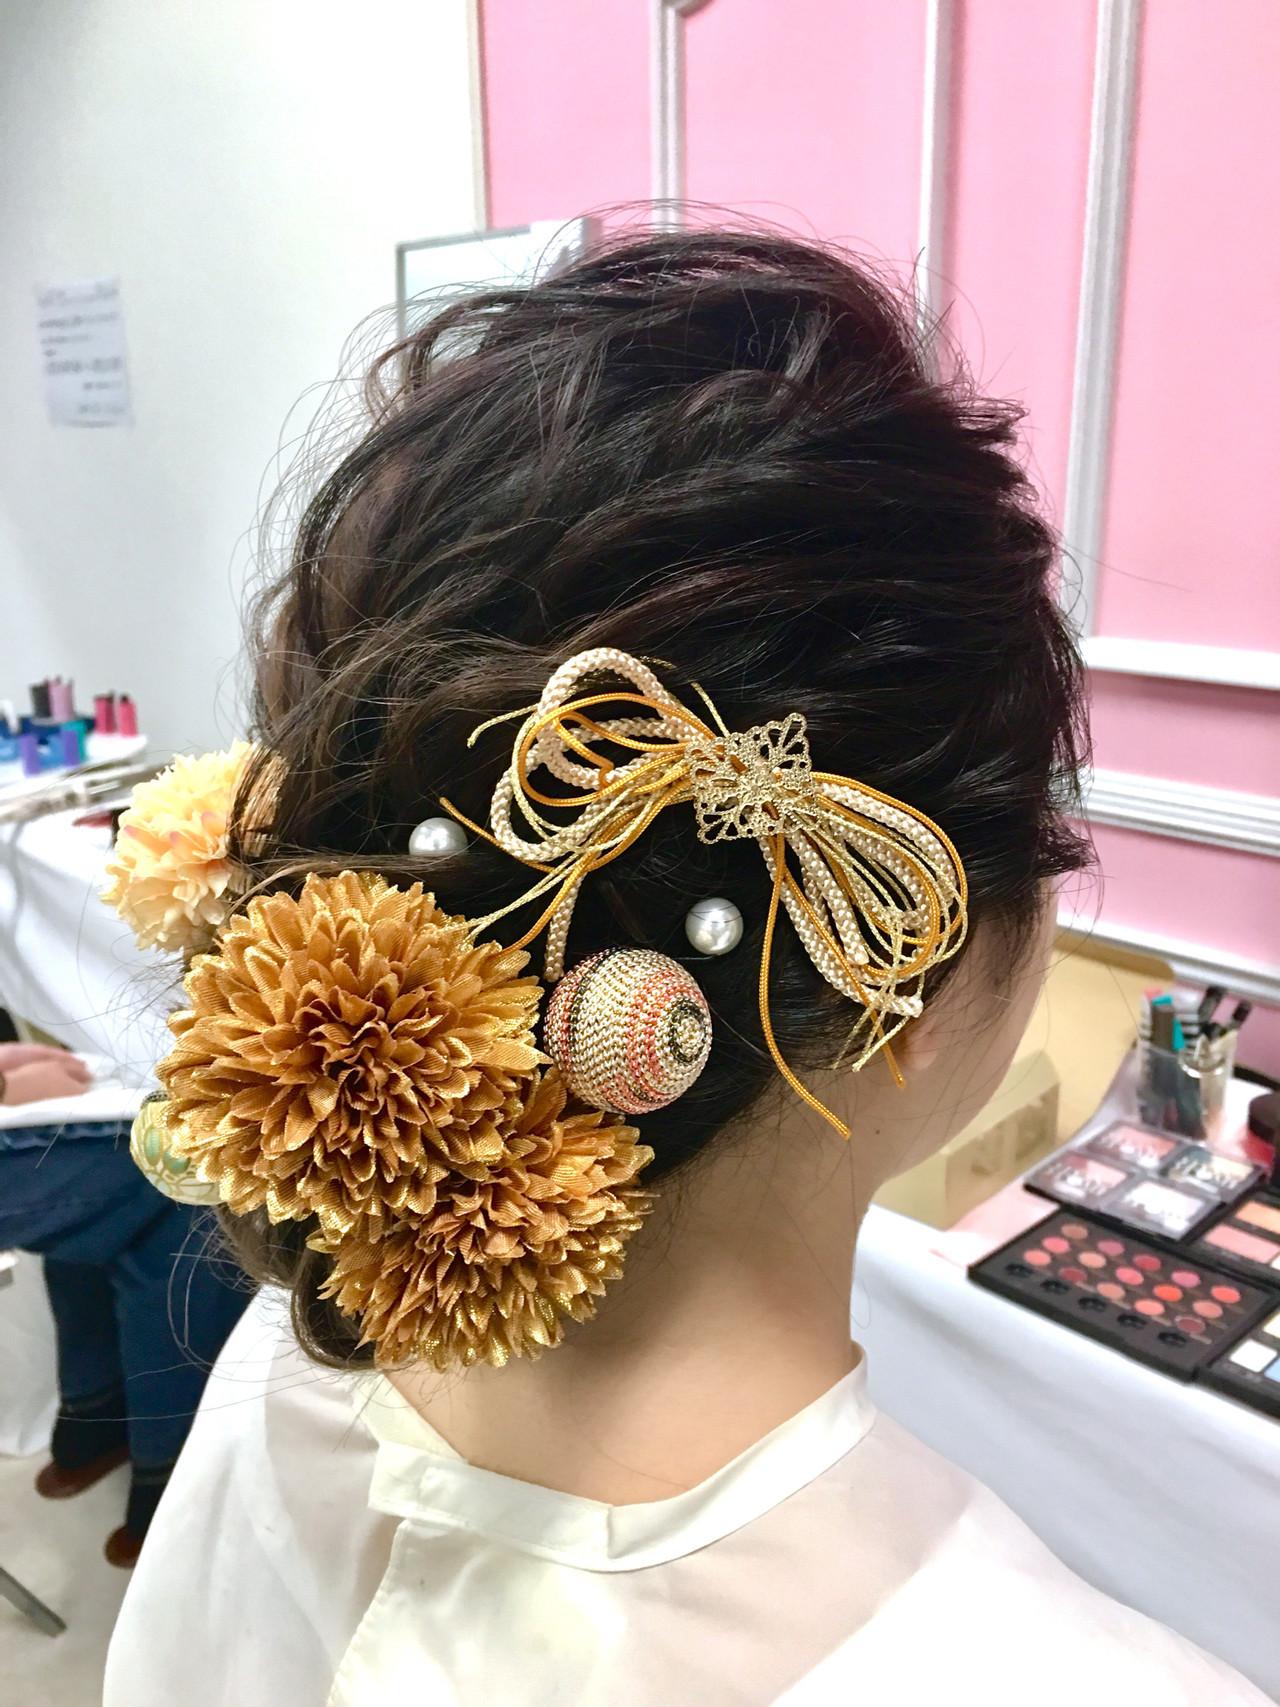 成人式 ヘアアレンジ セミロング アップスタイル ヘアスタイルや髪型の写真・画像